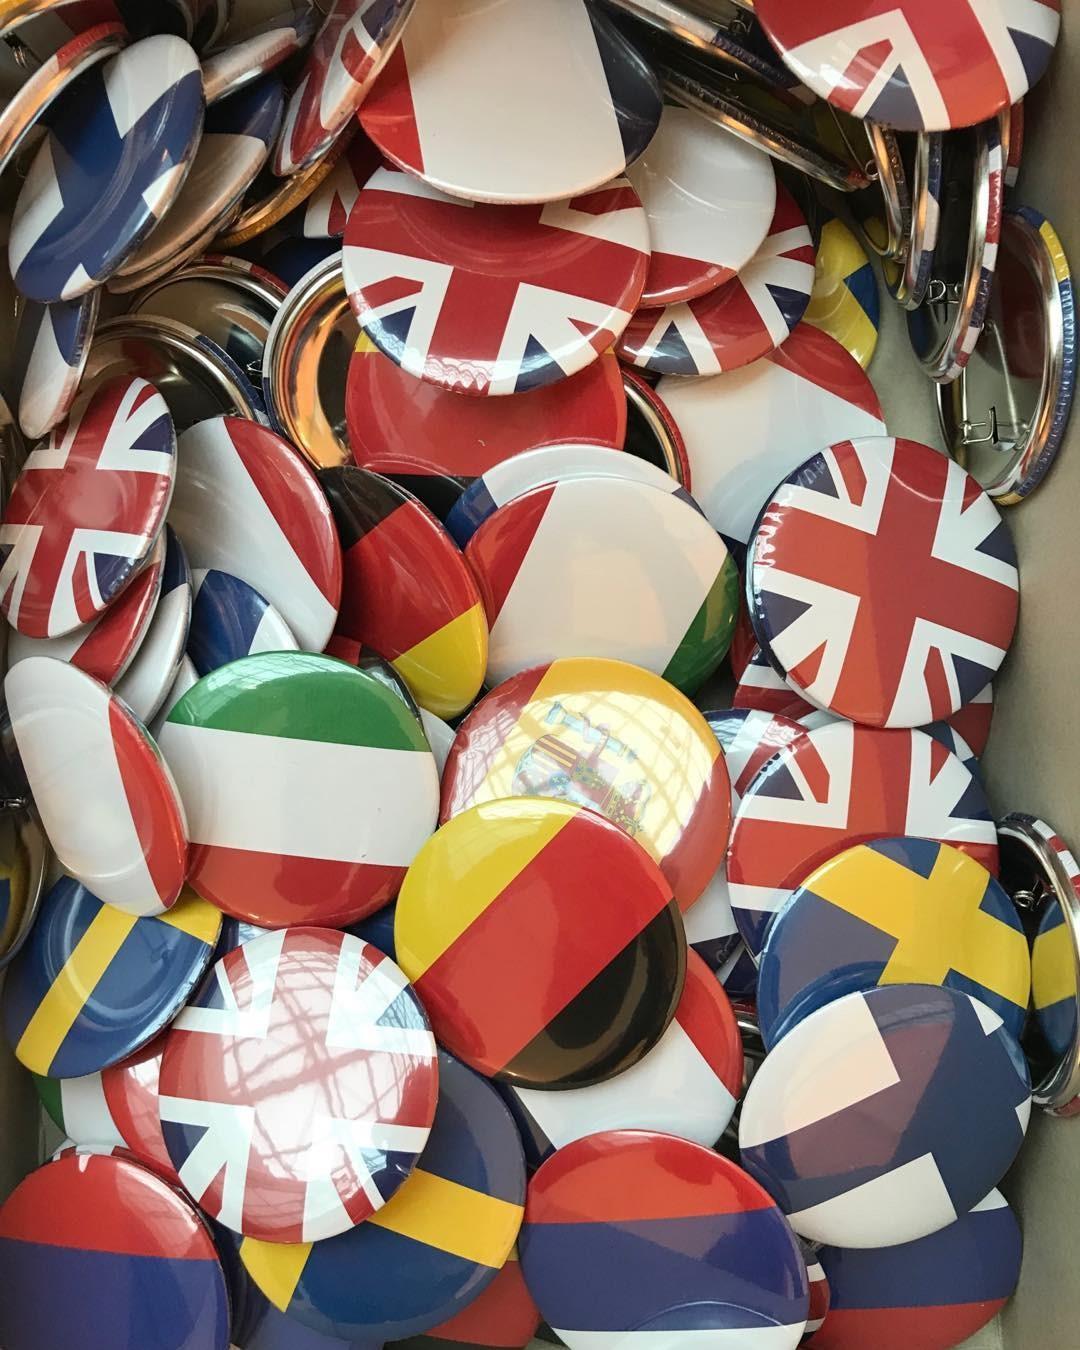 Lippuja